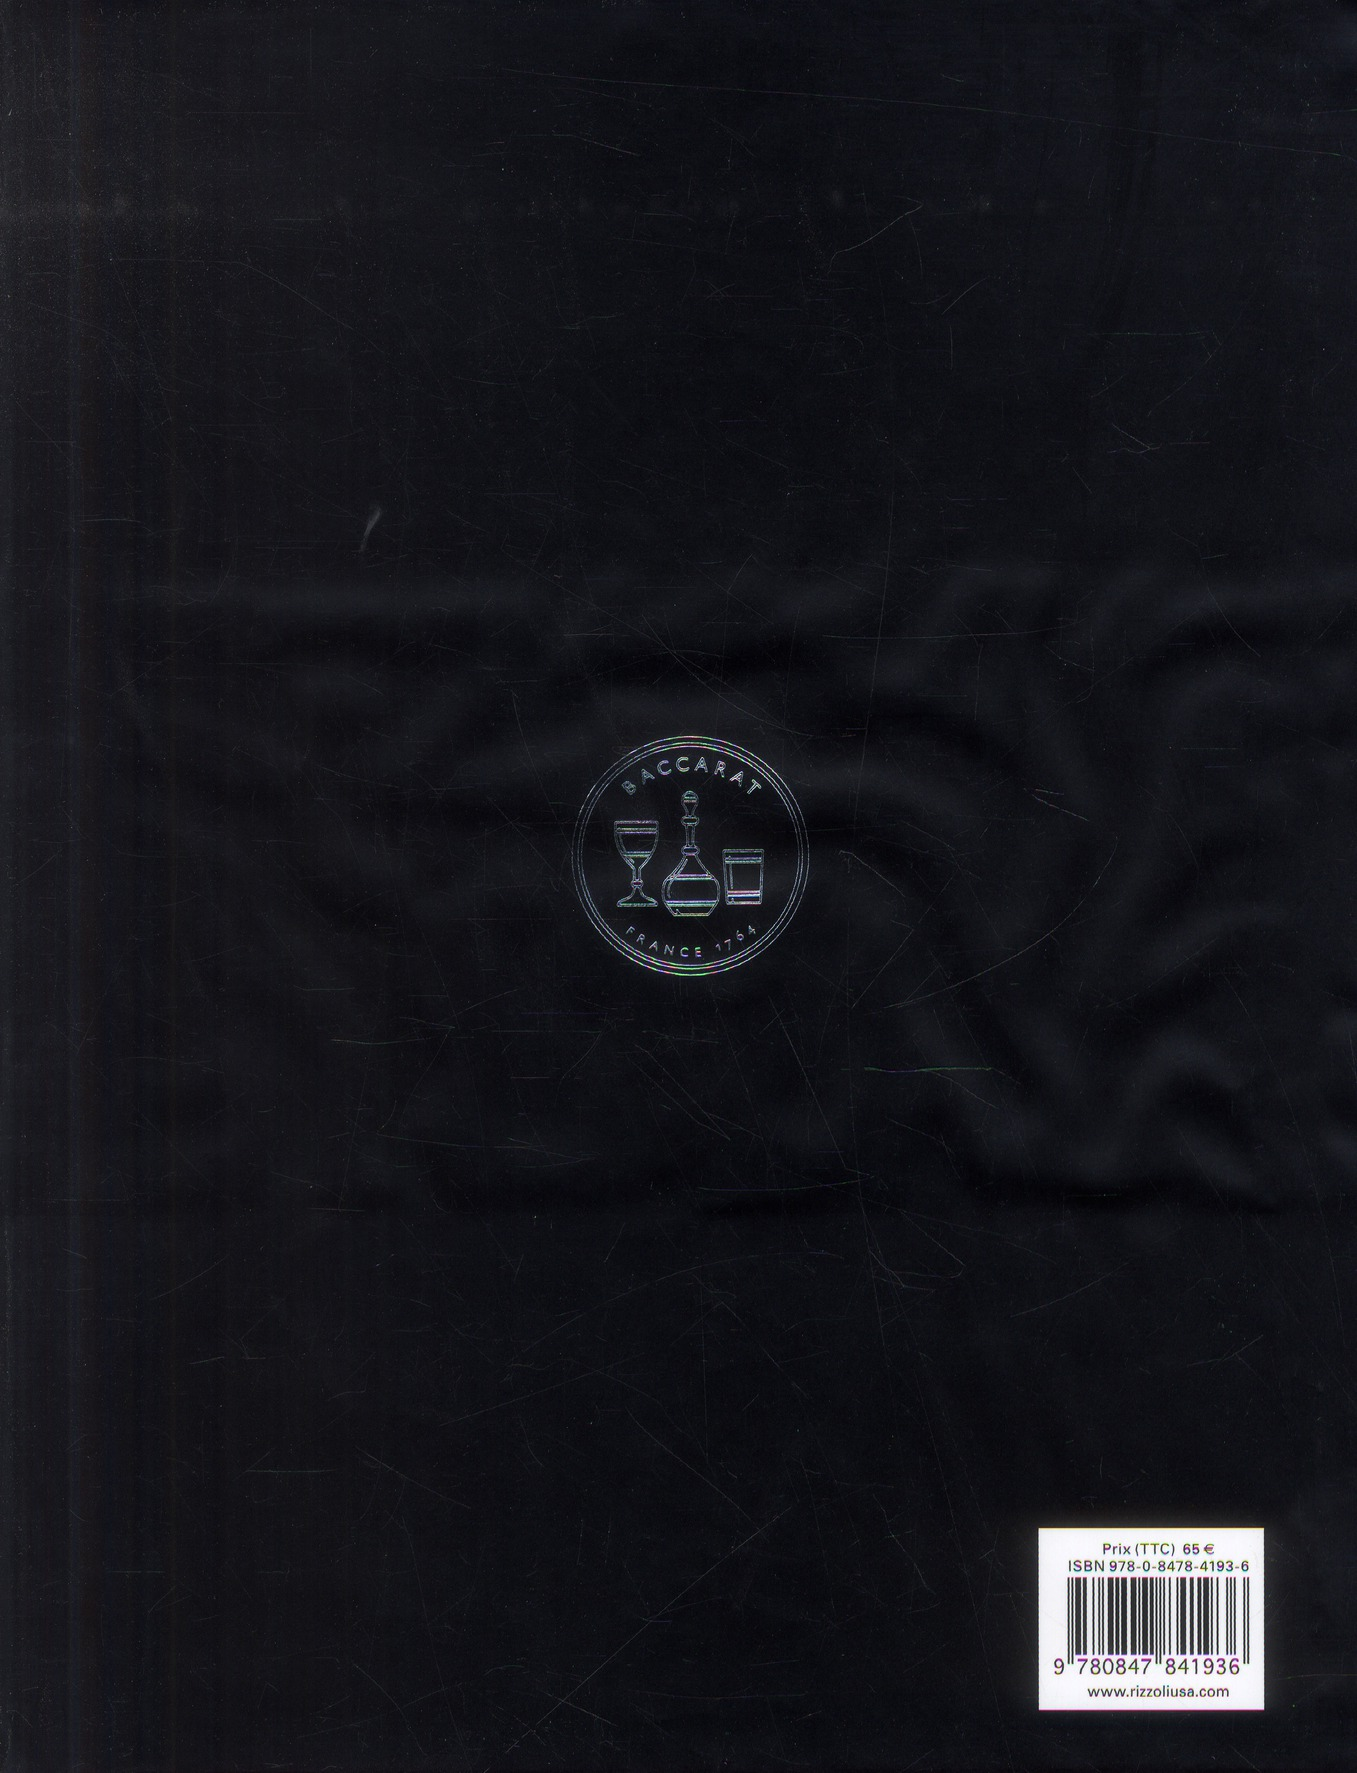 Baccarat 1764 ; deux cent cinquante ans